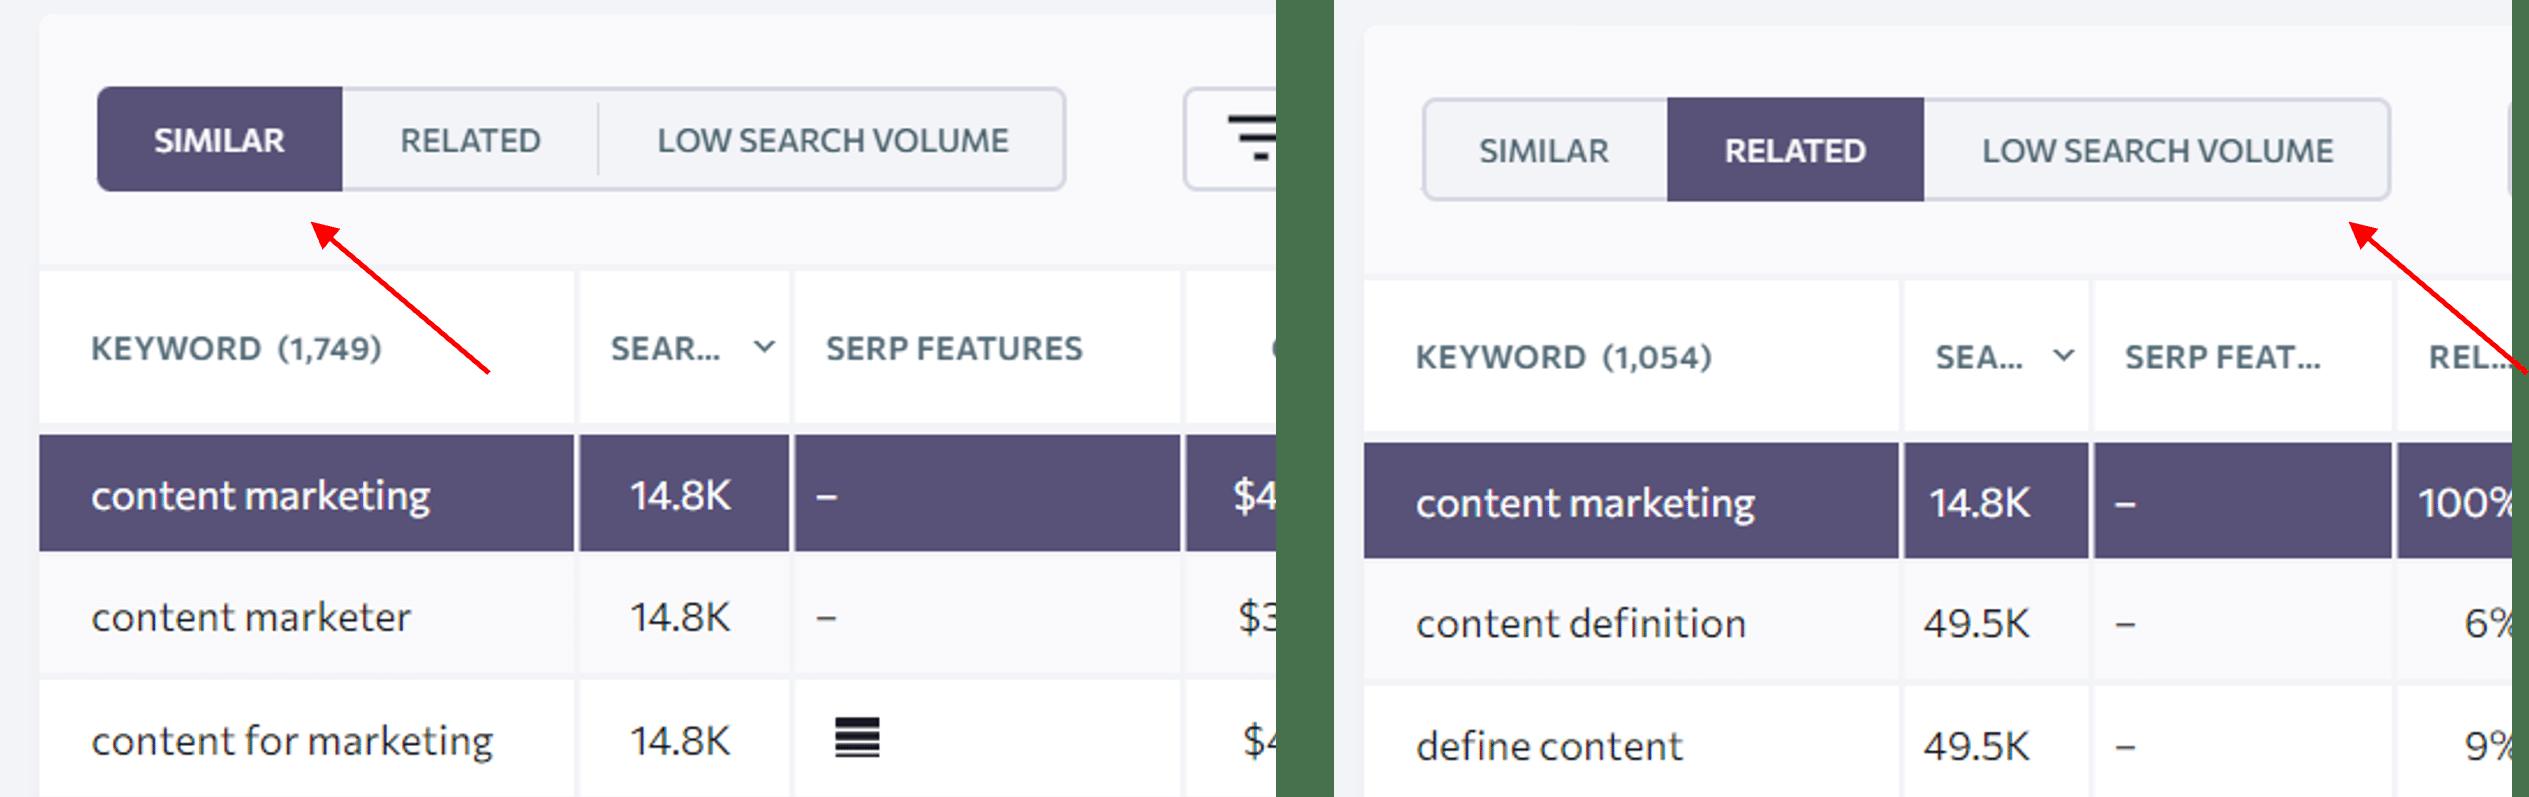 user intent applying on keyword ideas